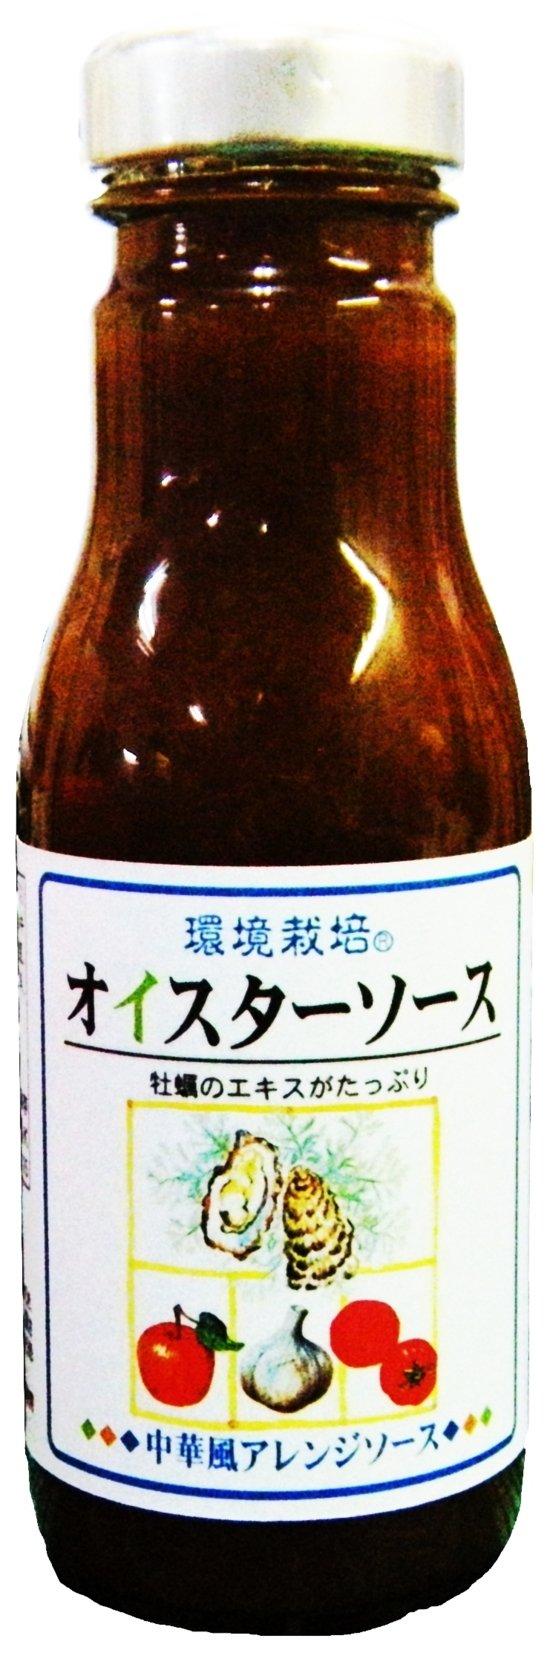 Oyster mild sauce 260g bottle input